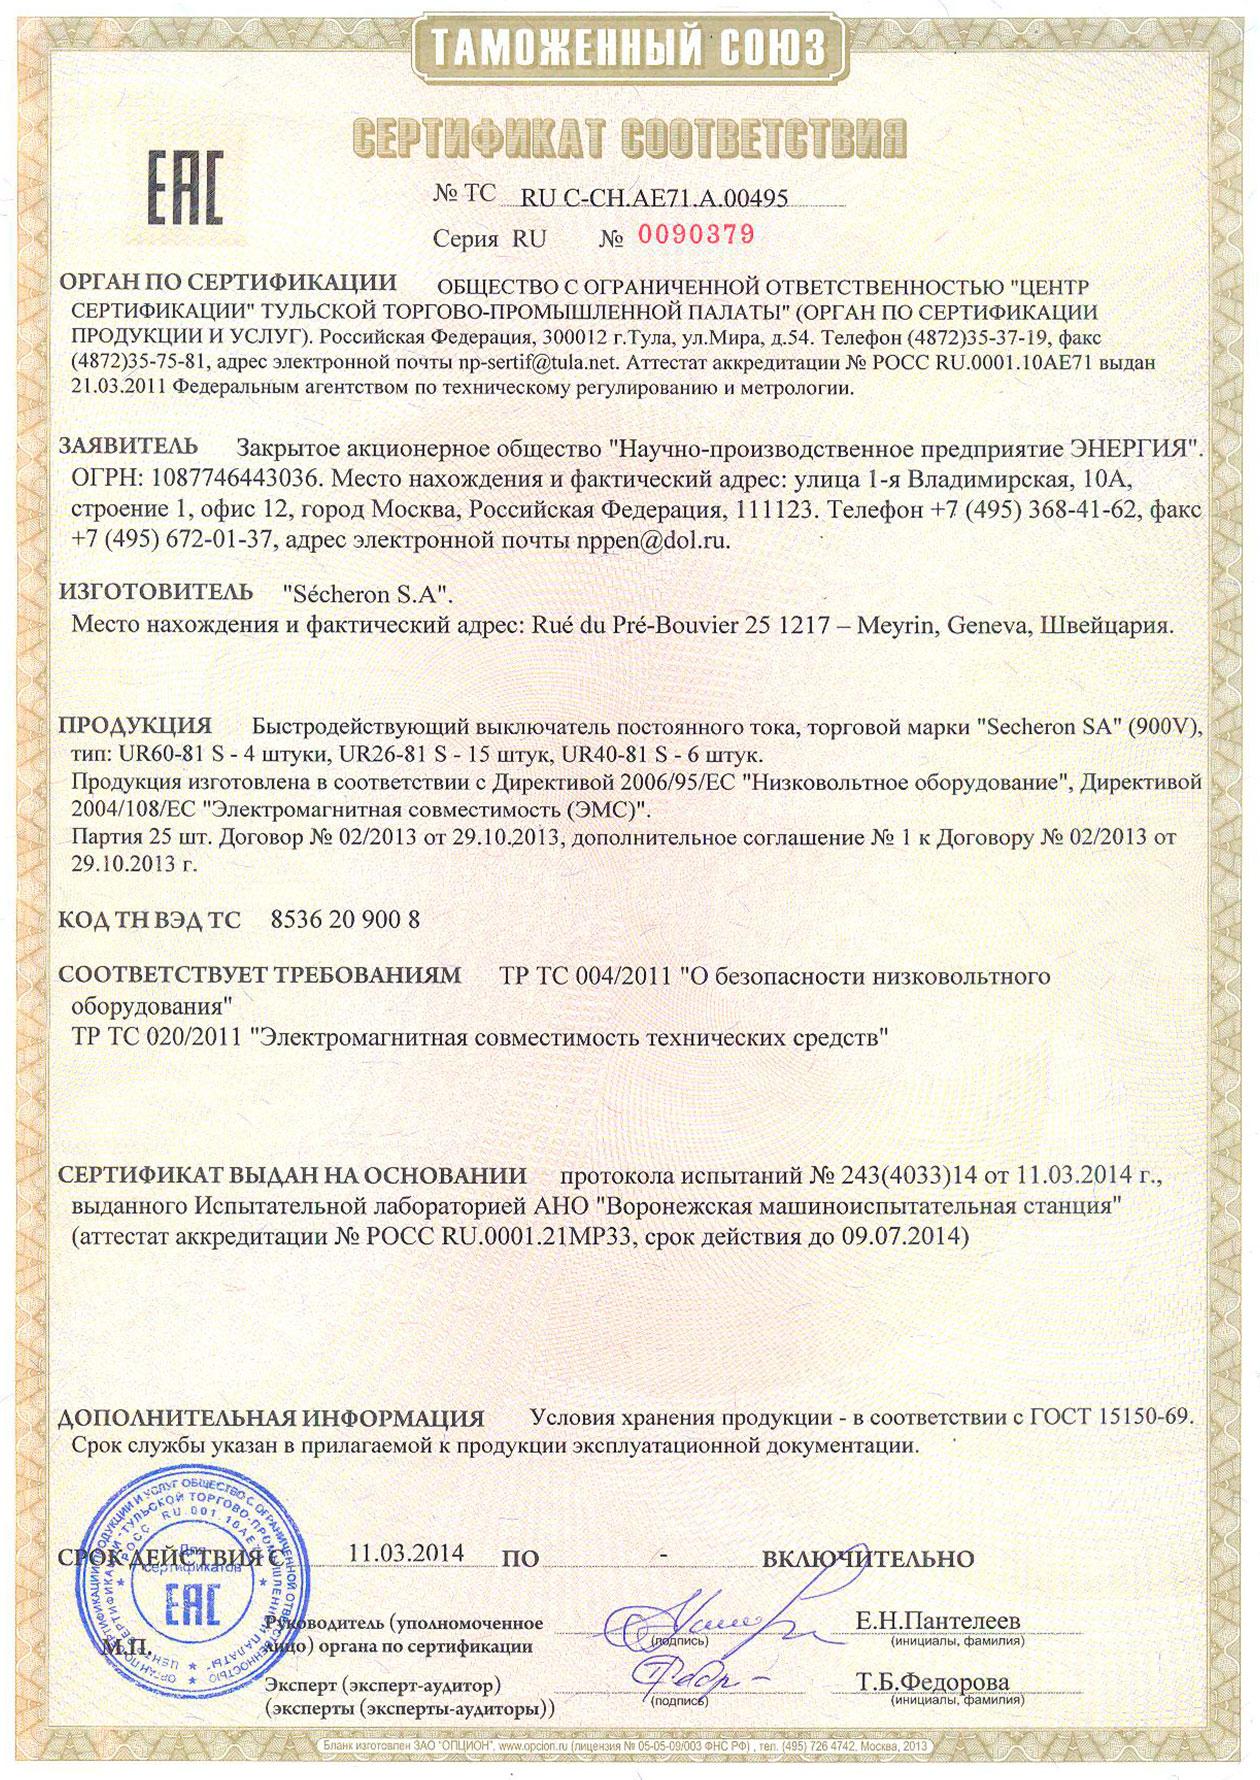 Нужна ли сертификация на еденичный товаров сертификация для ит директора